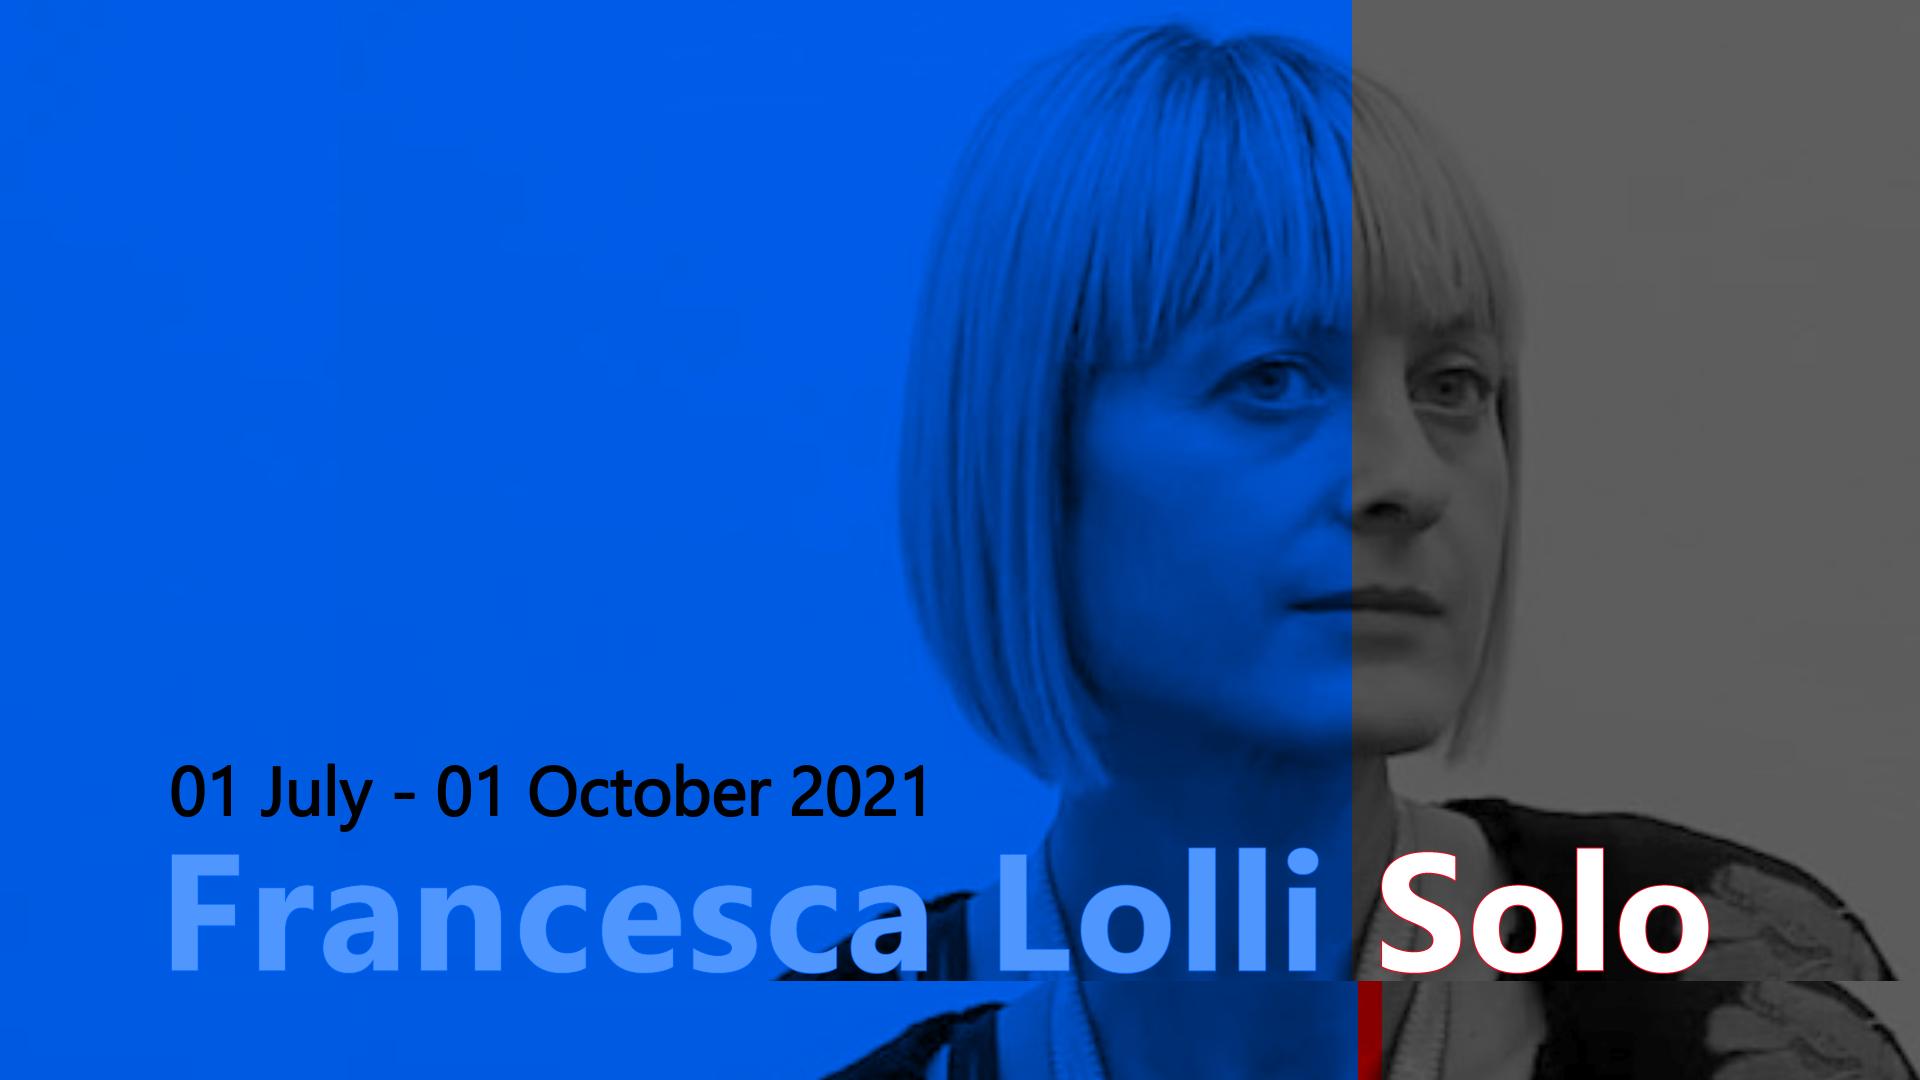 Francesca Lolli